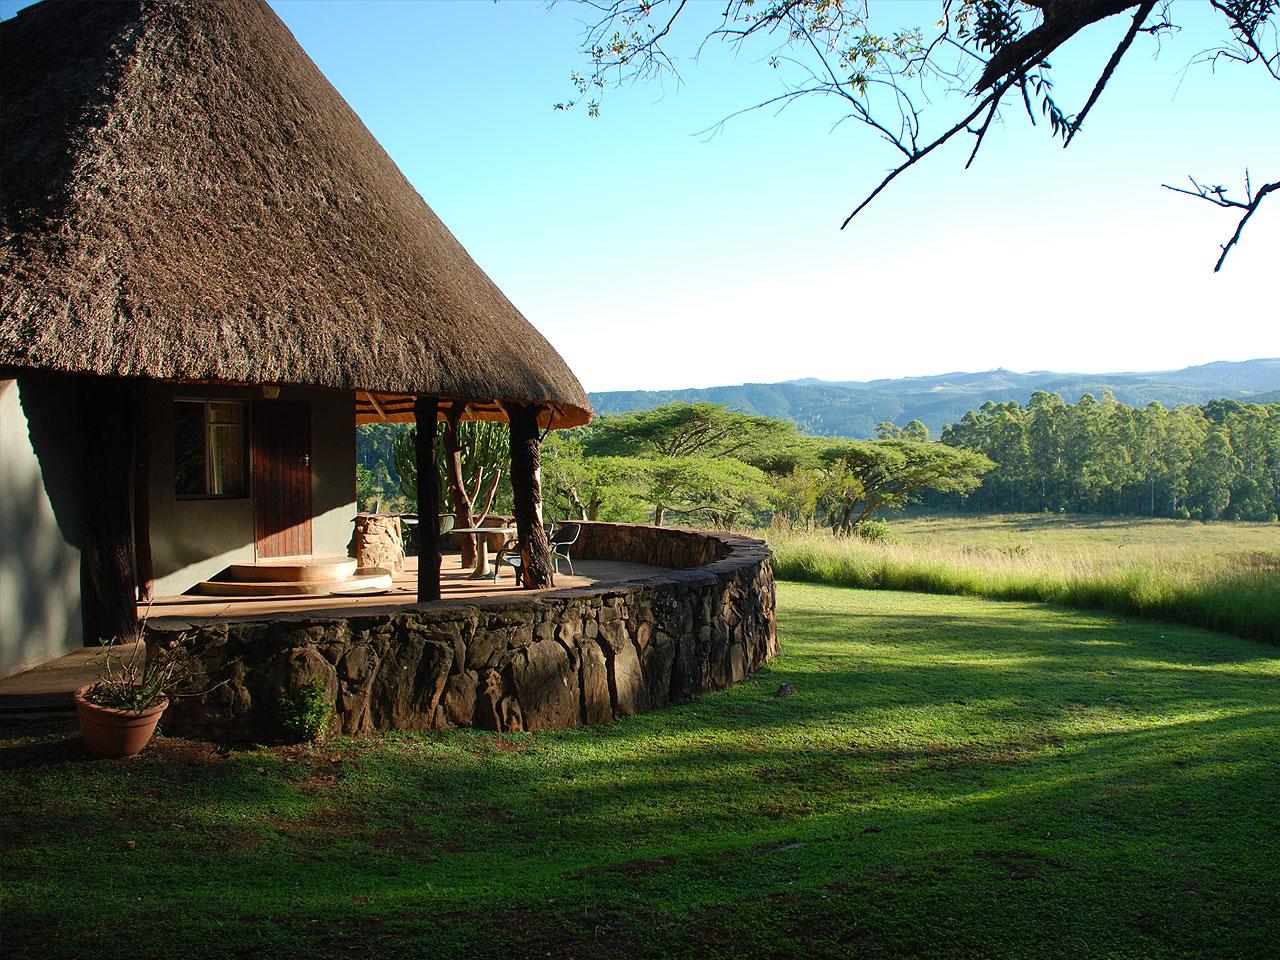 Mlilwane Rest Camp